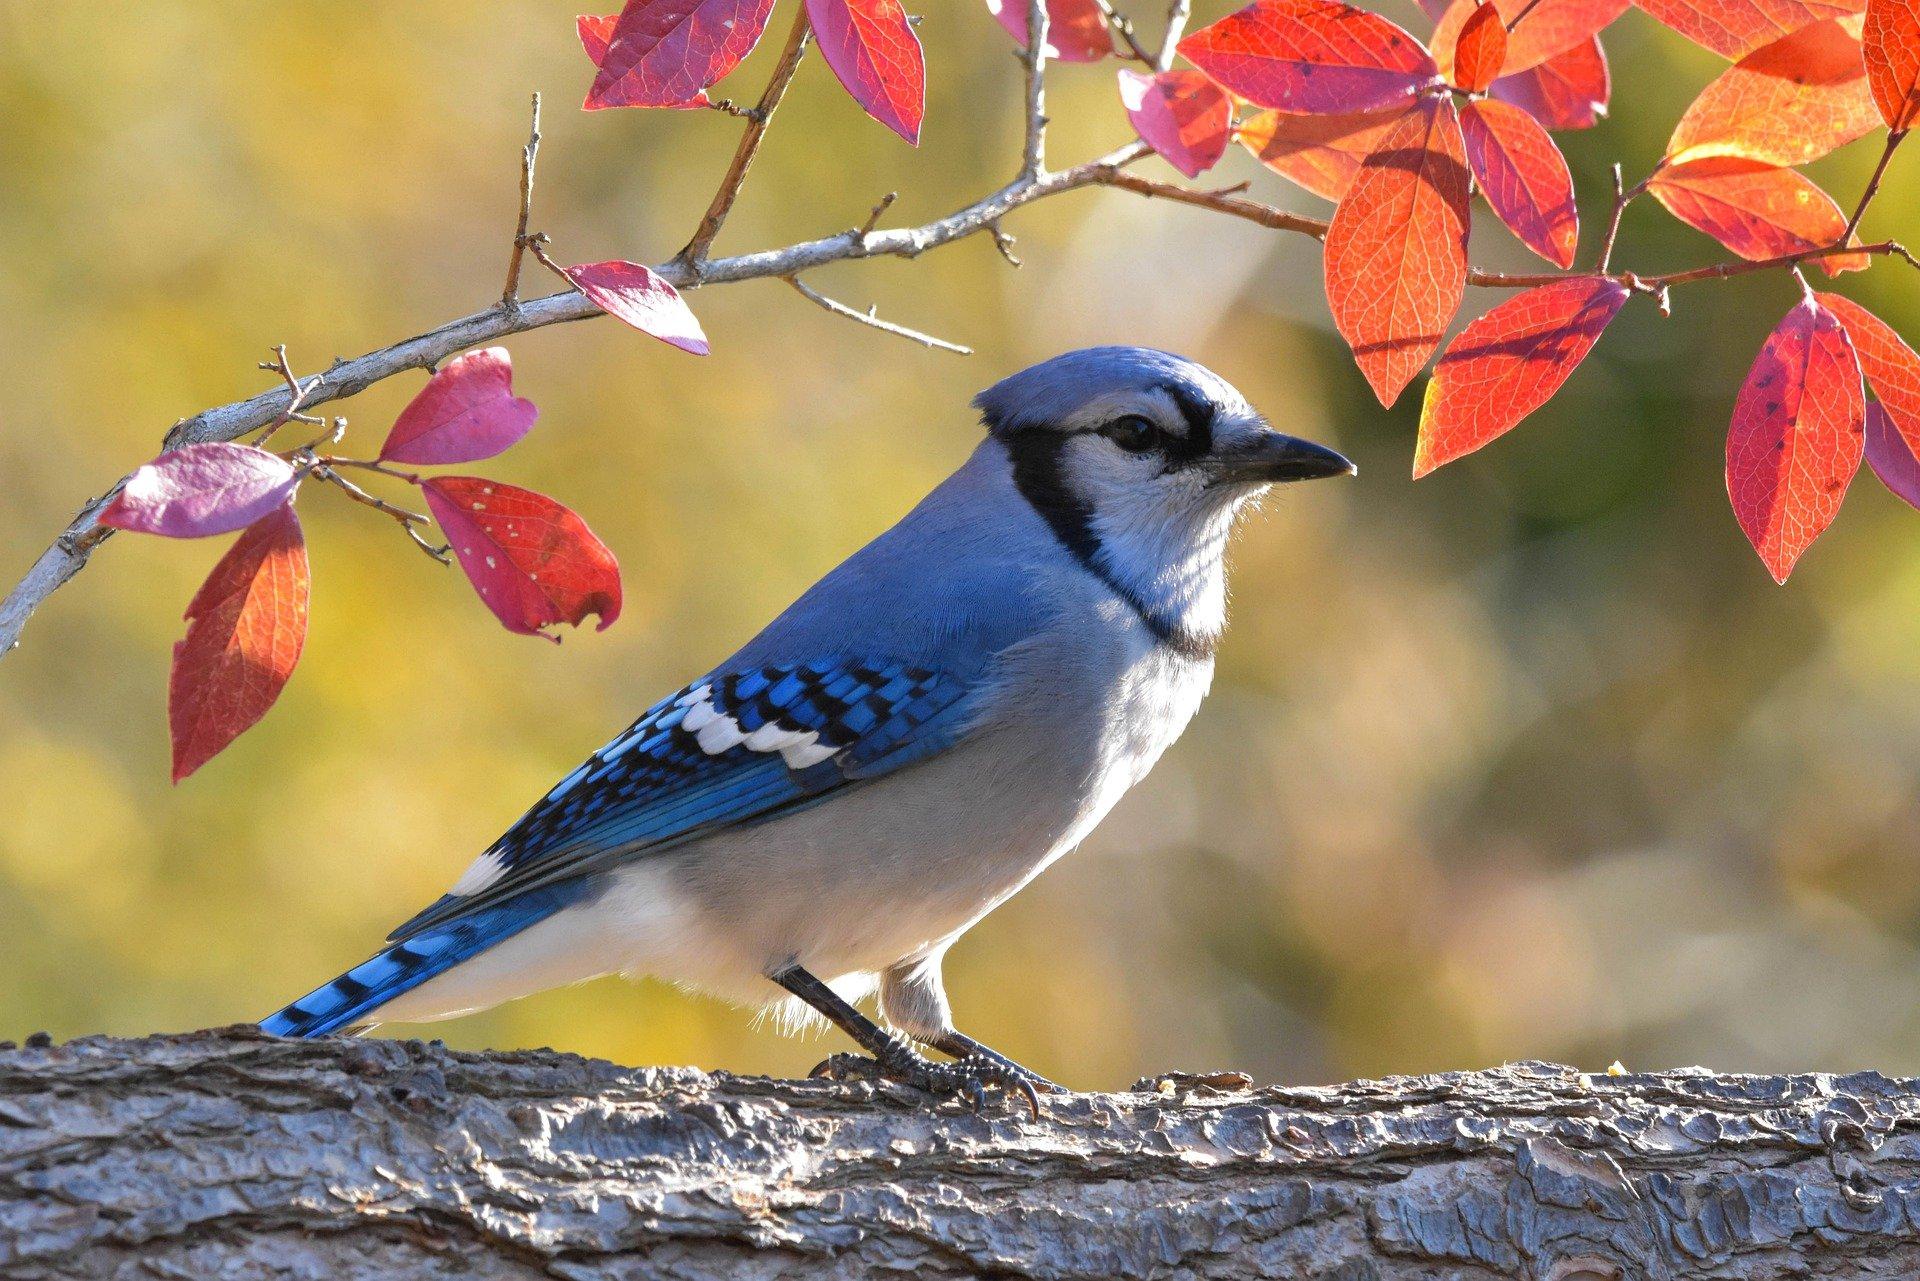 bird-5685953_1920